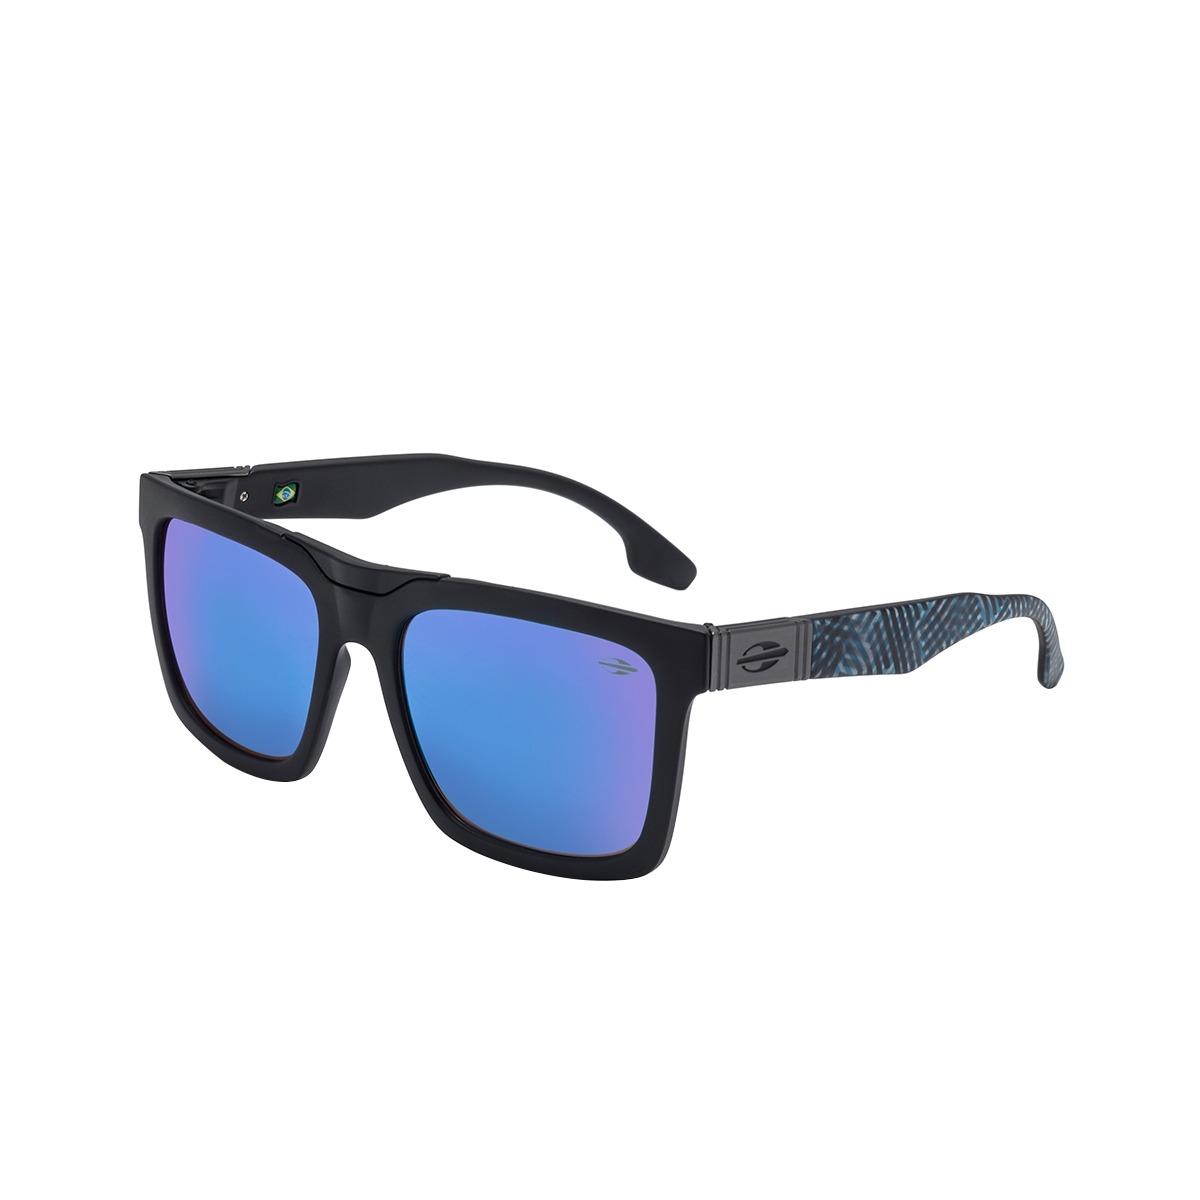 1d2e658392f67 Óculos De Sol Long Beach Preto Lente Espelhada Azul Mormaii - R  258 ...